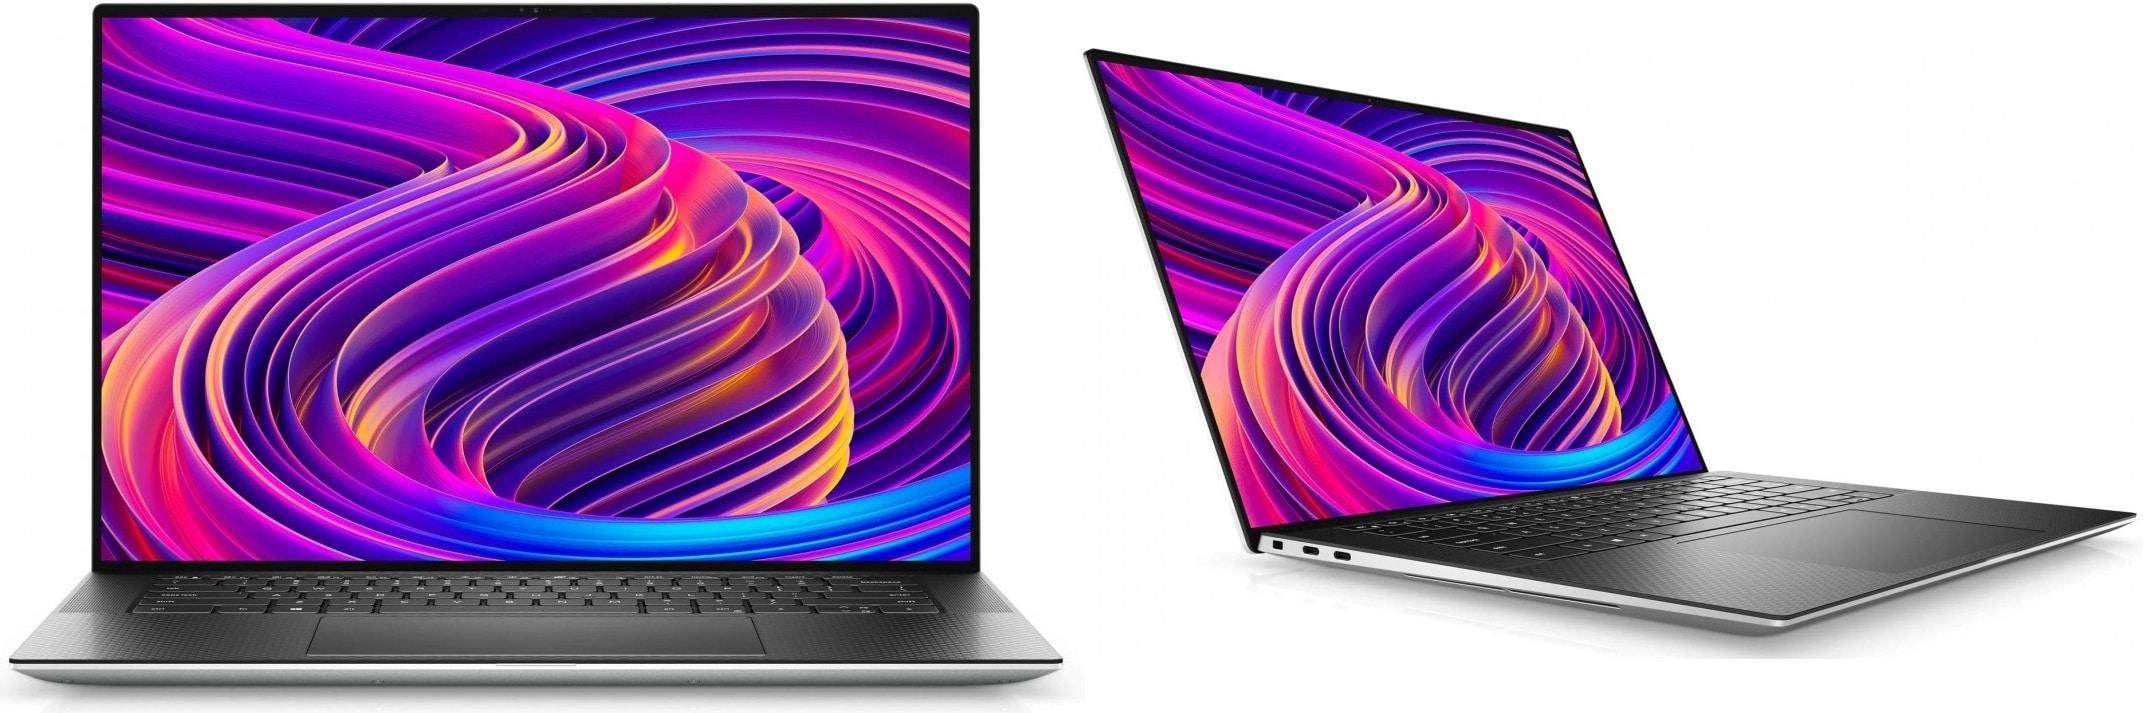 Dell улучшила производительность GeForce RTX 3050 Ti в составе ноутбука XPS 15 9510